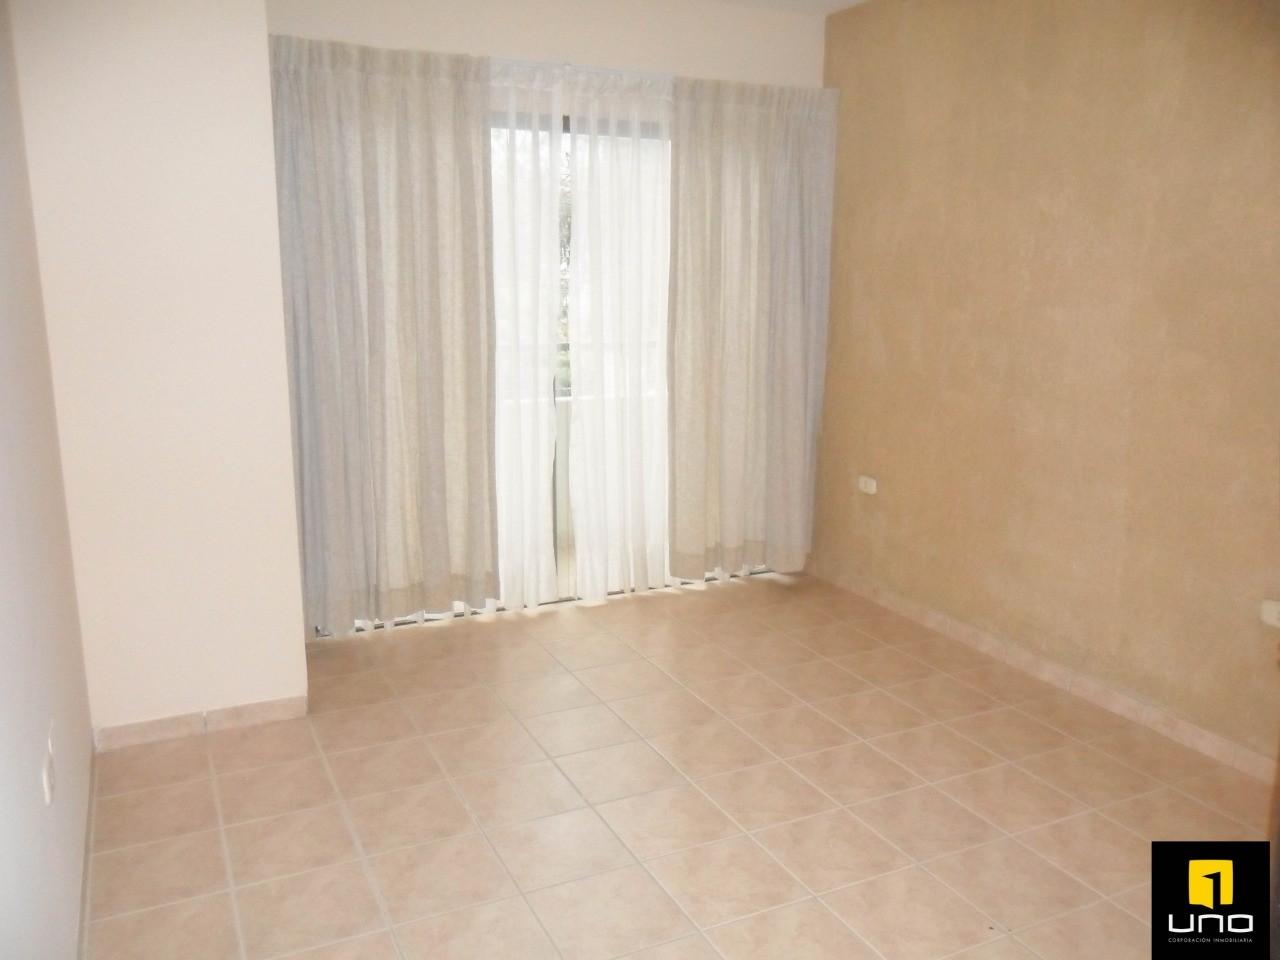 Casa en Alquiler ZONA OESTE, BARRIO LAS PALMAS Foto 14